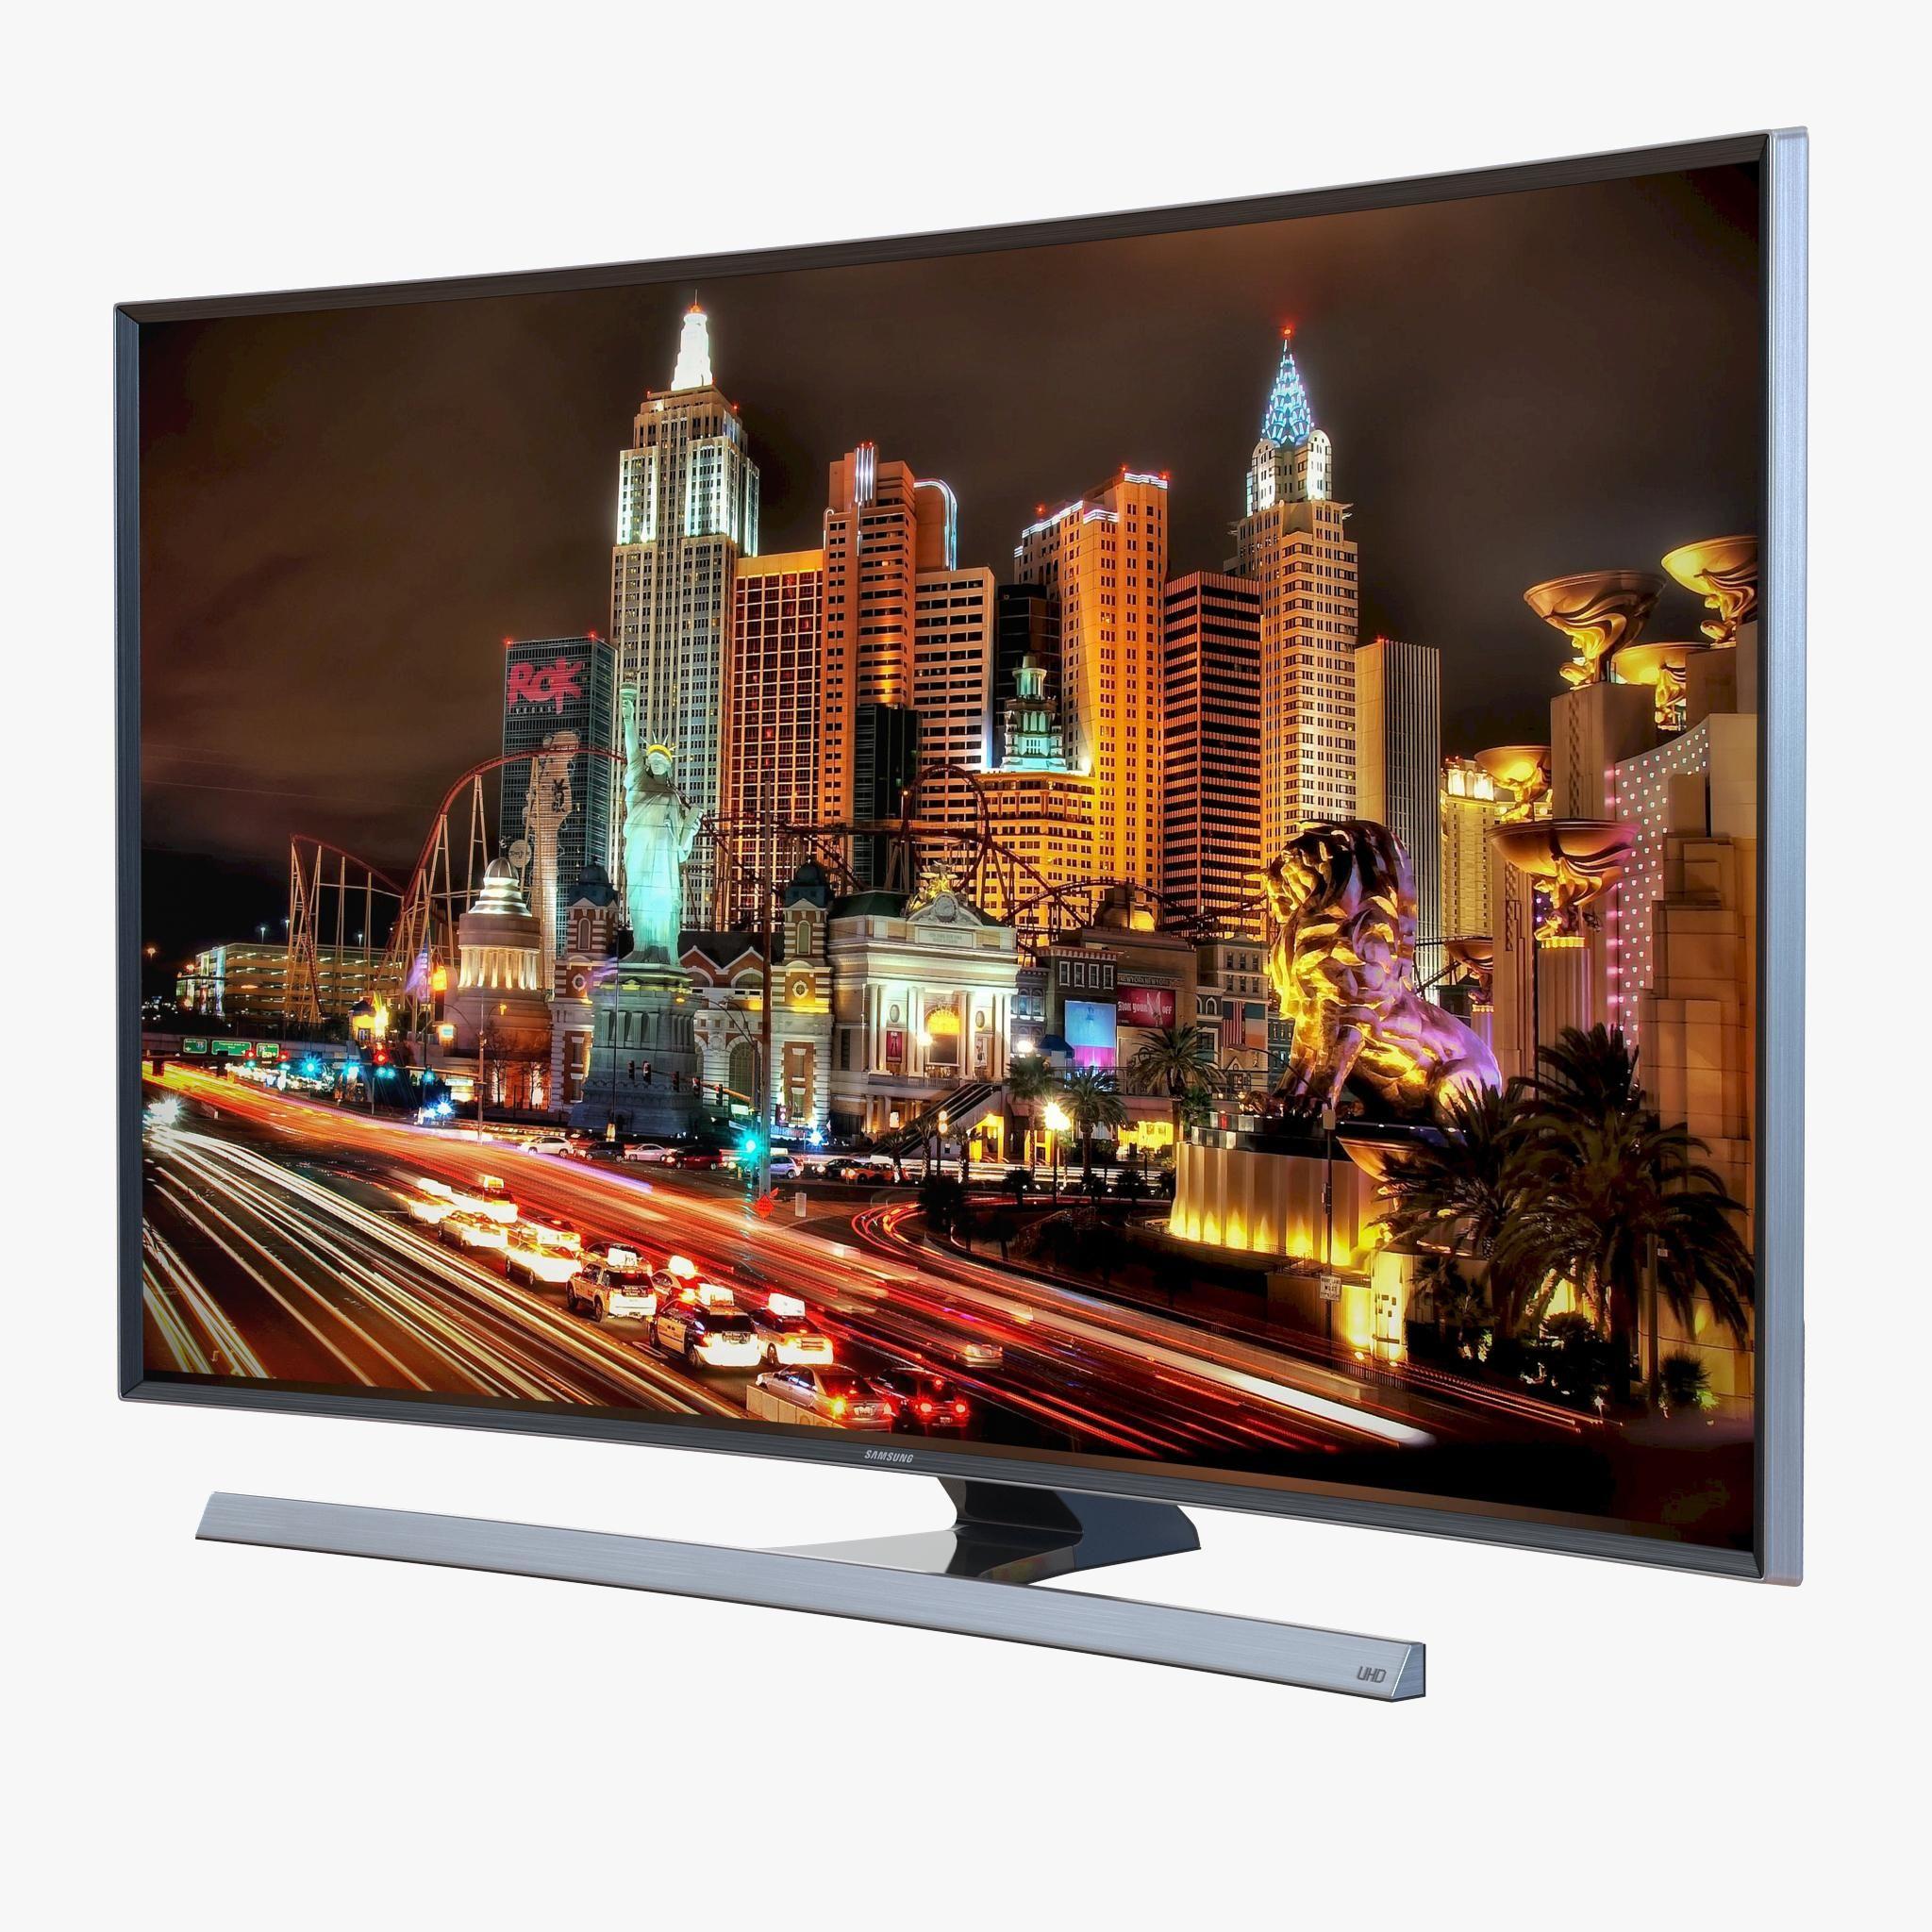 Smart tv icon speakers seotrends trending. smart tv